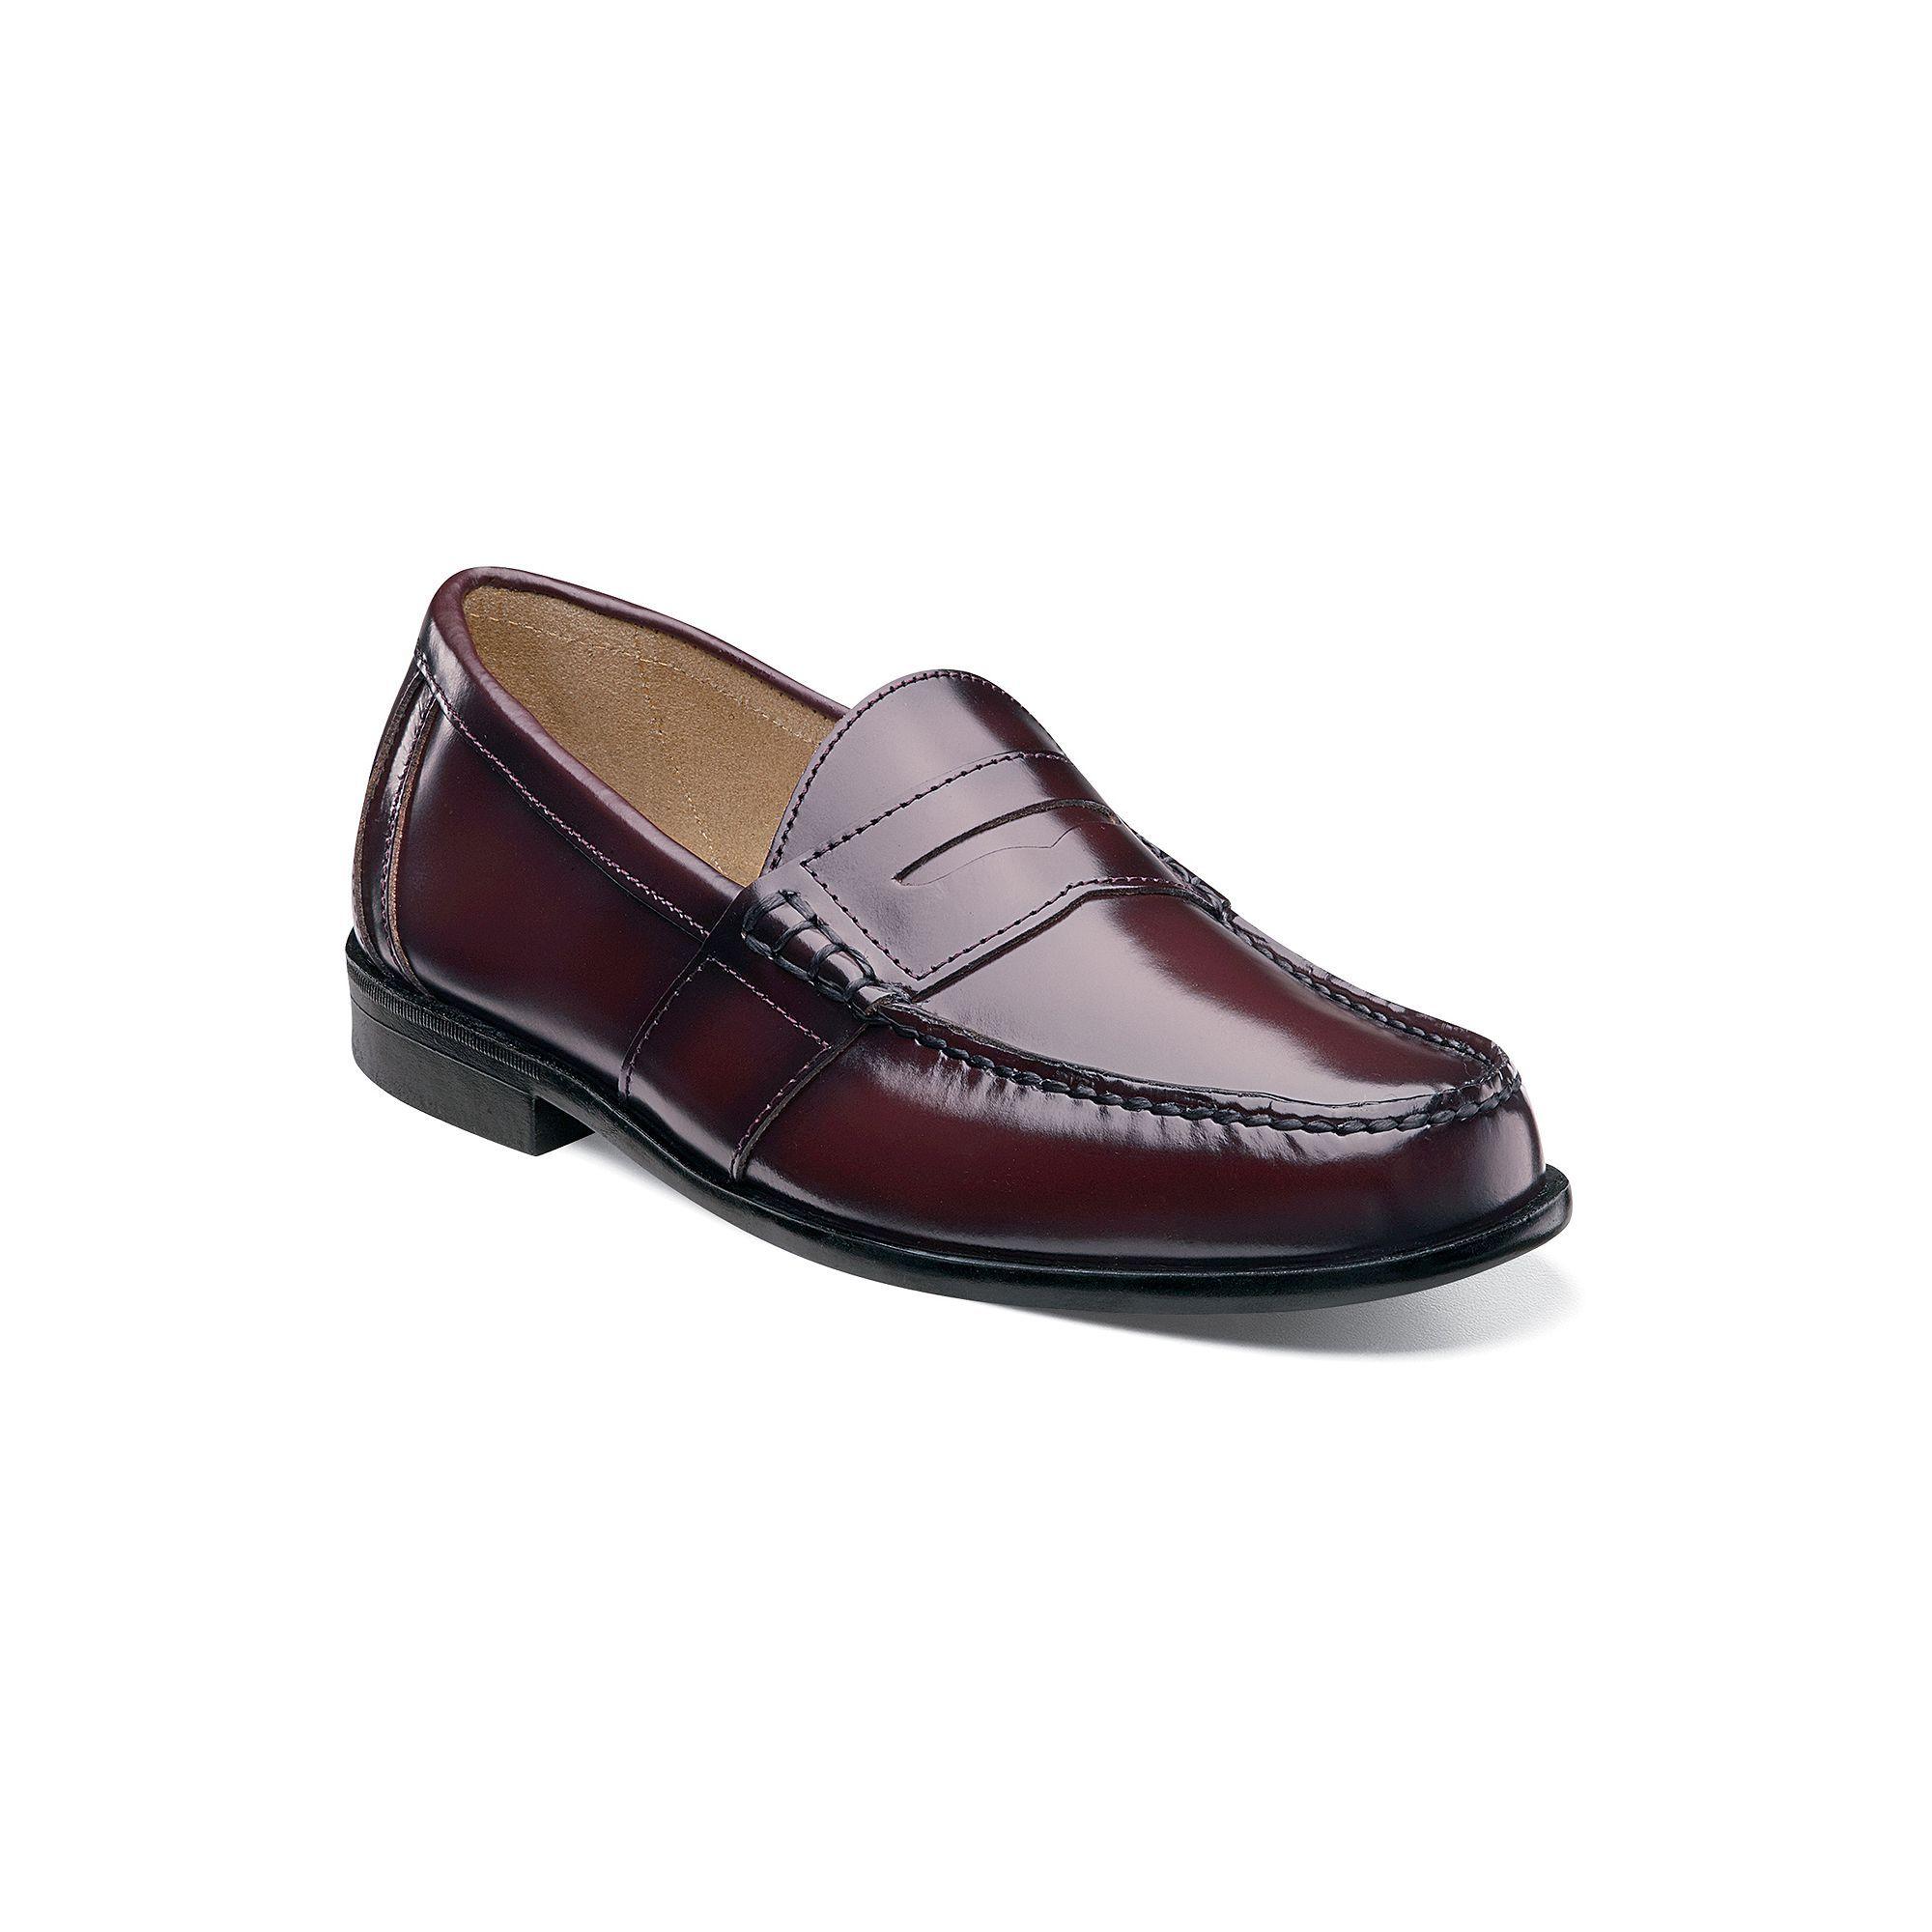 bd18d2c06f51f Nunn Bush Kent Men s Moc Toe Penny Loafer Dress Shoes